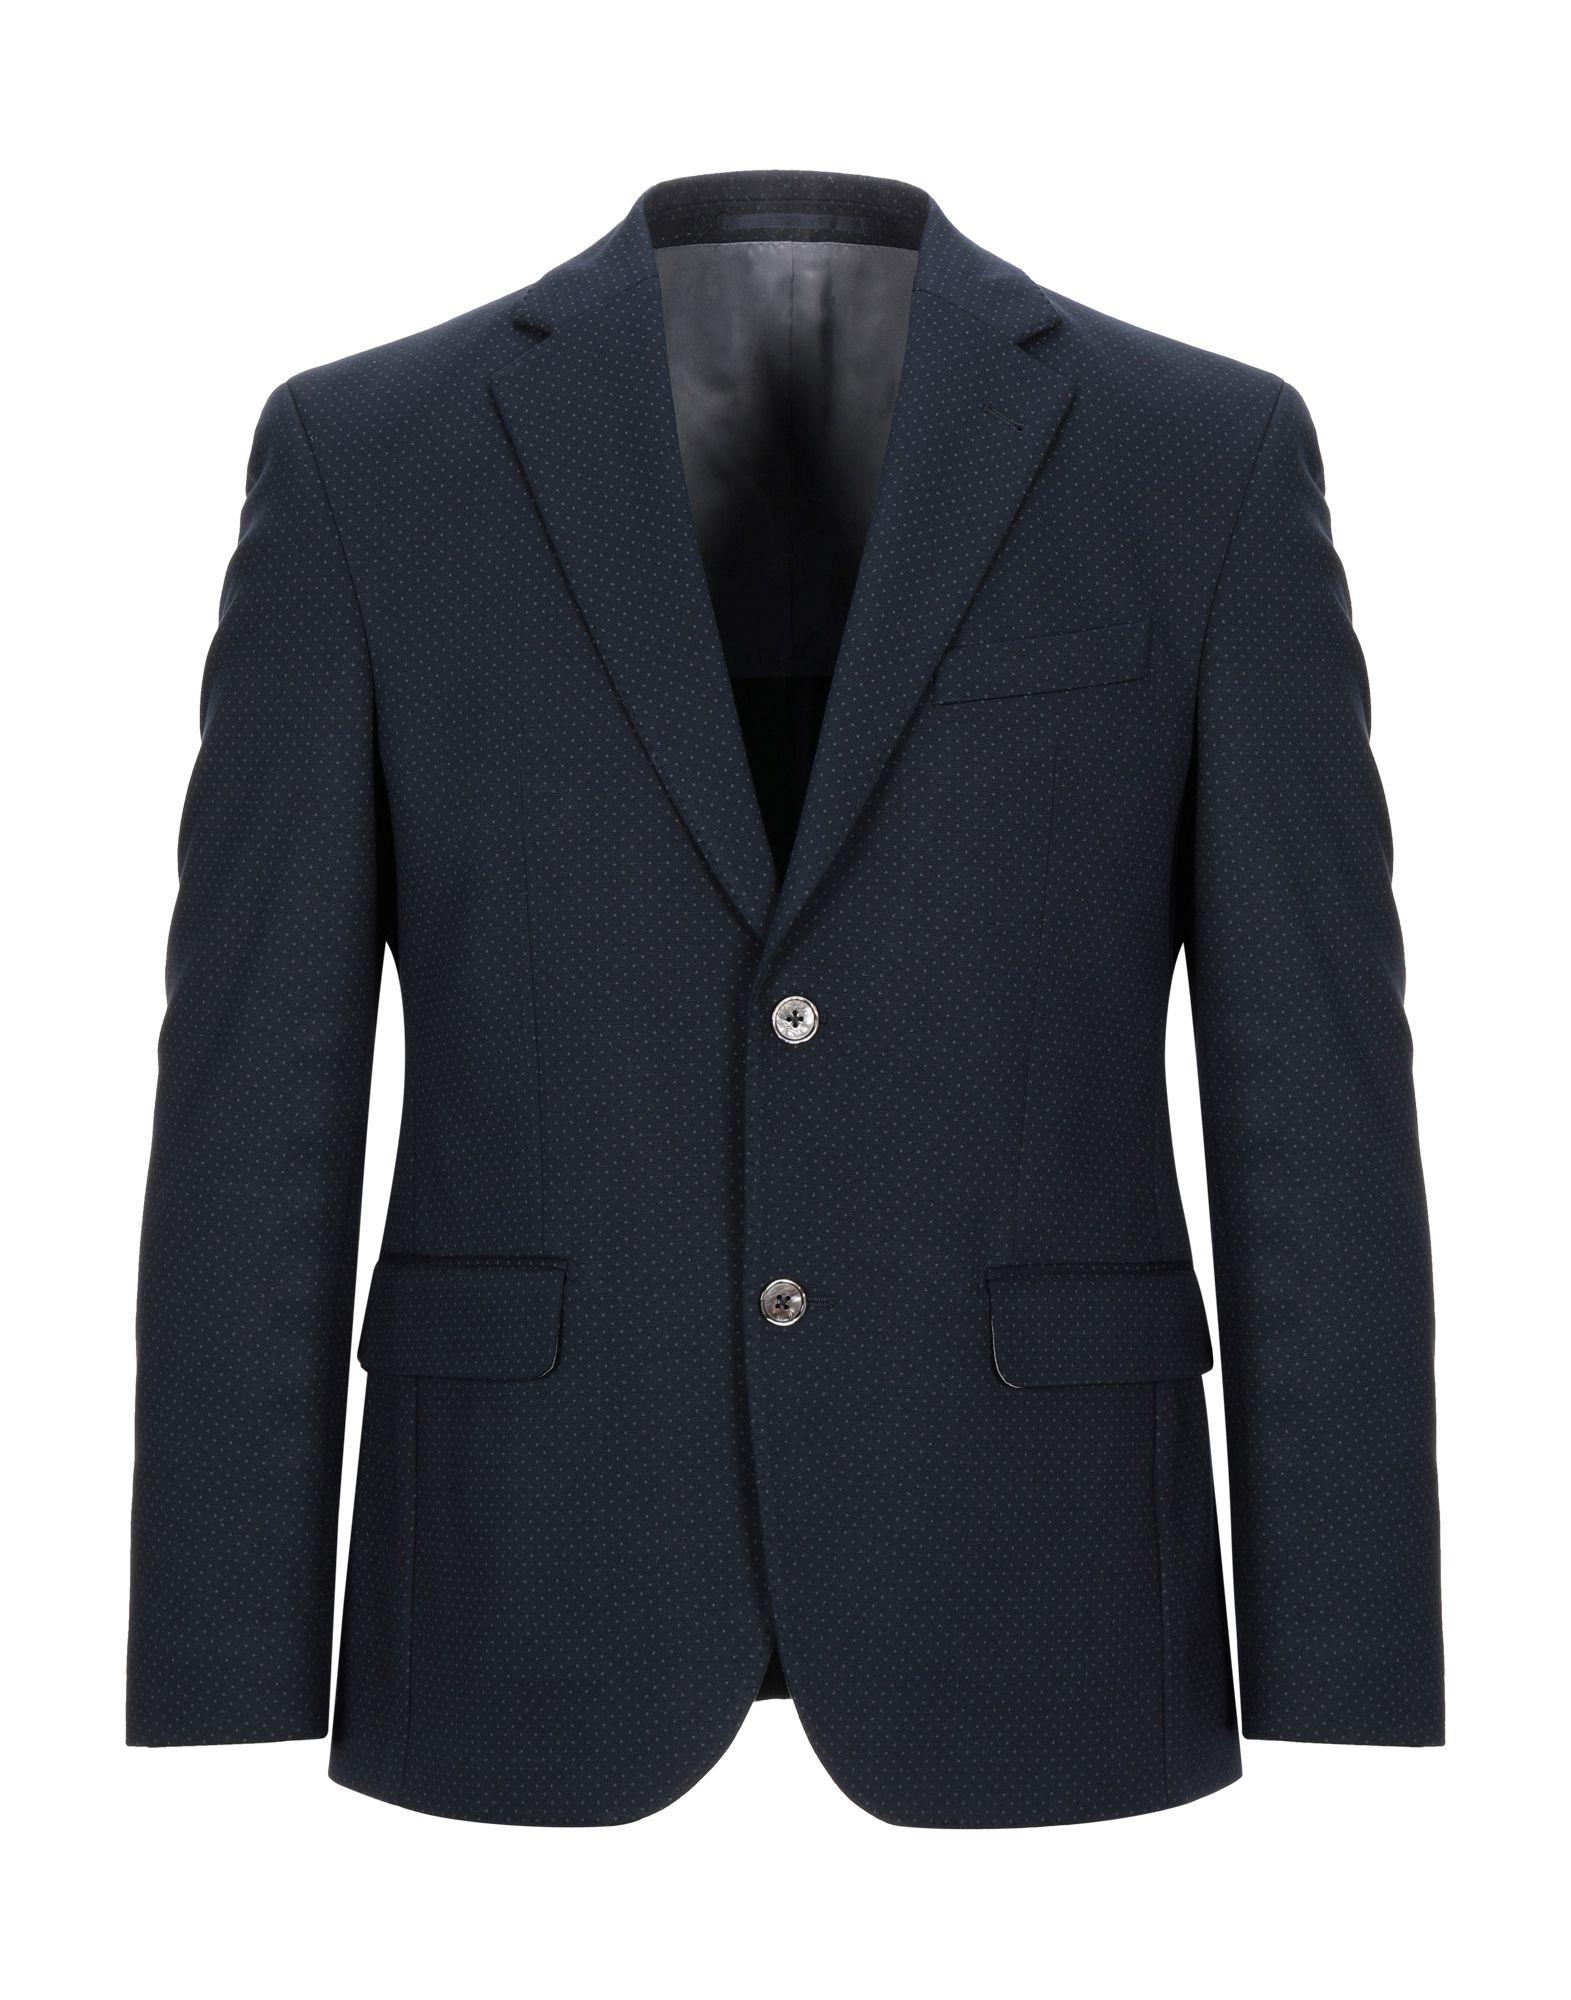 《セール開催中》VIA NAPOLEONE dal 1980 メンズ テーラードジャケット ブルー 48 レーヨン 68% / ナイロン 27% / ポリウレタン 5%